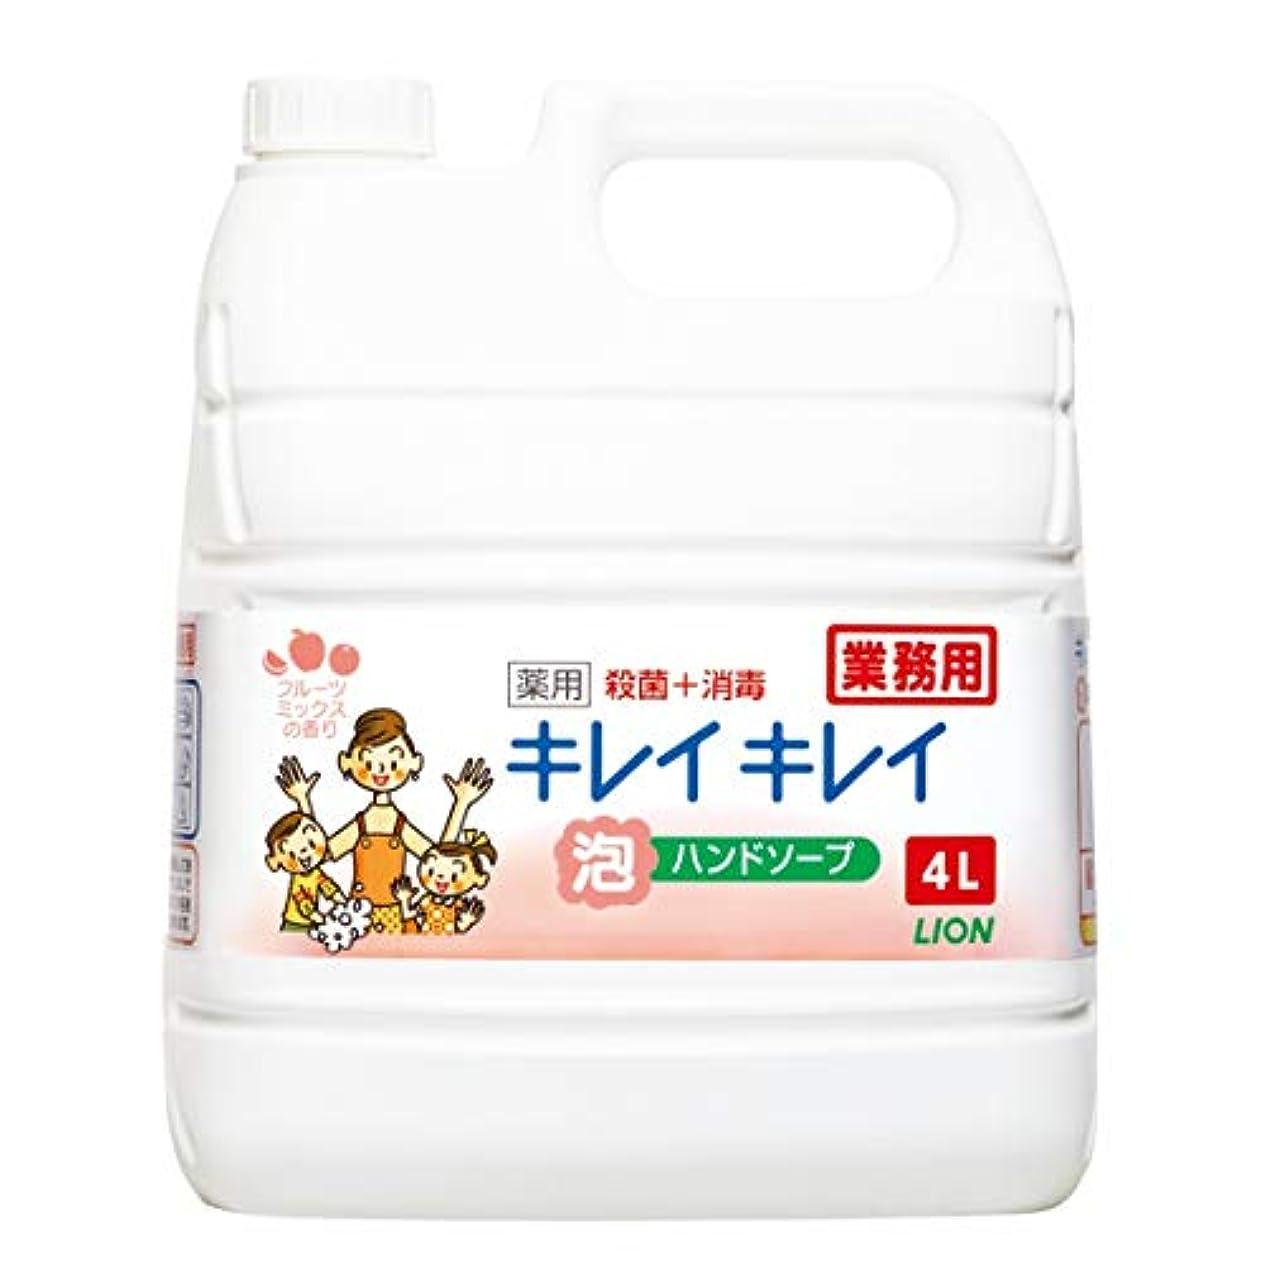 ポンプたらい平日【業務用 大容量】キレイキレイ 薬用 泡ハンドソープフルーツミックスの香り 4L(医薬部外品)